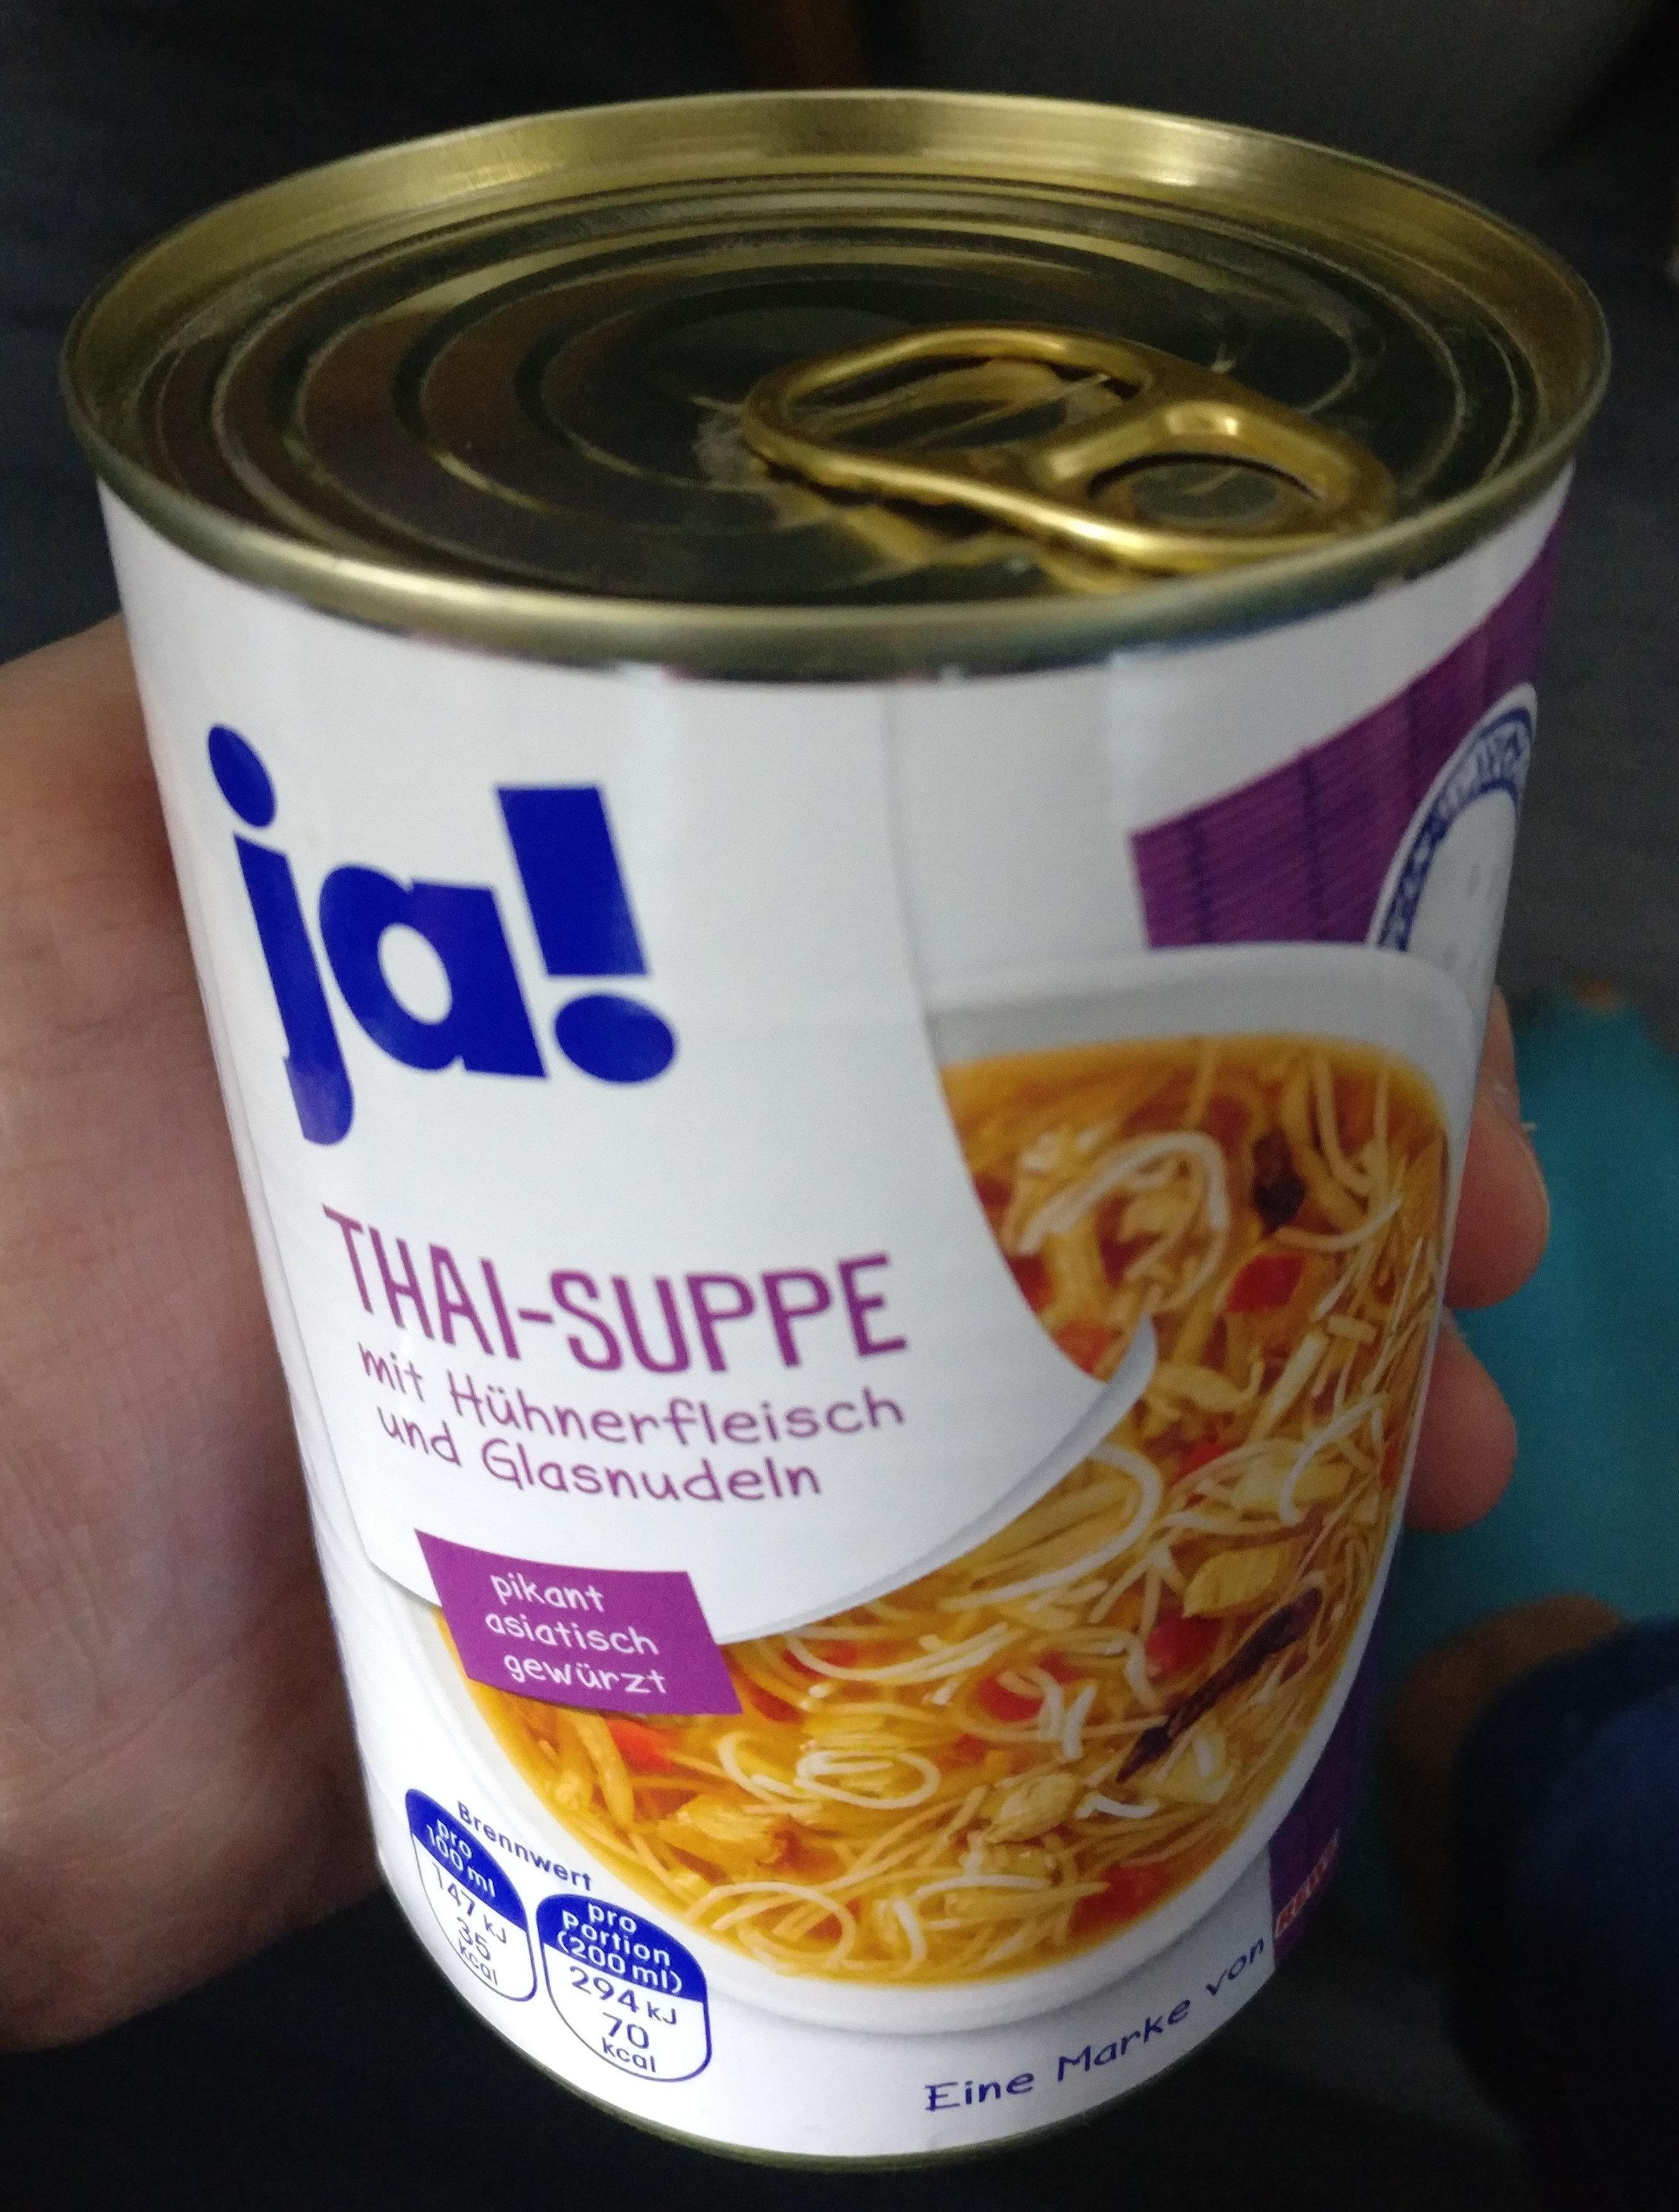 Thai Suppe Mit Huhnerfleisch Und Glasnudeln Ja 400 Ml